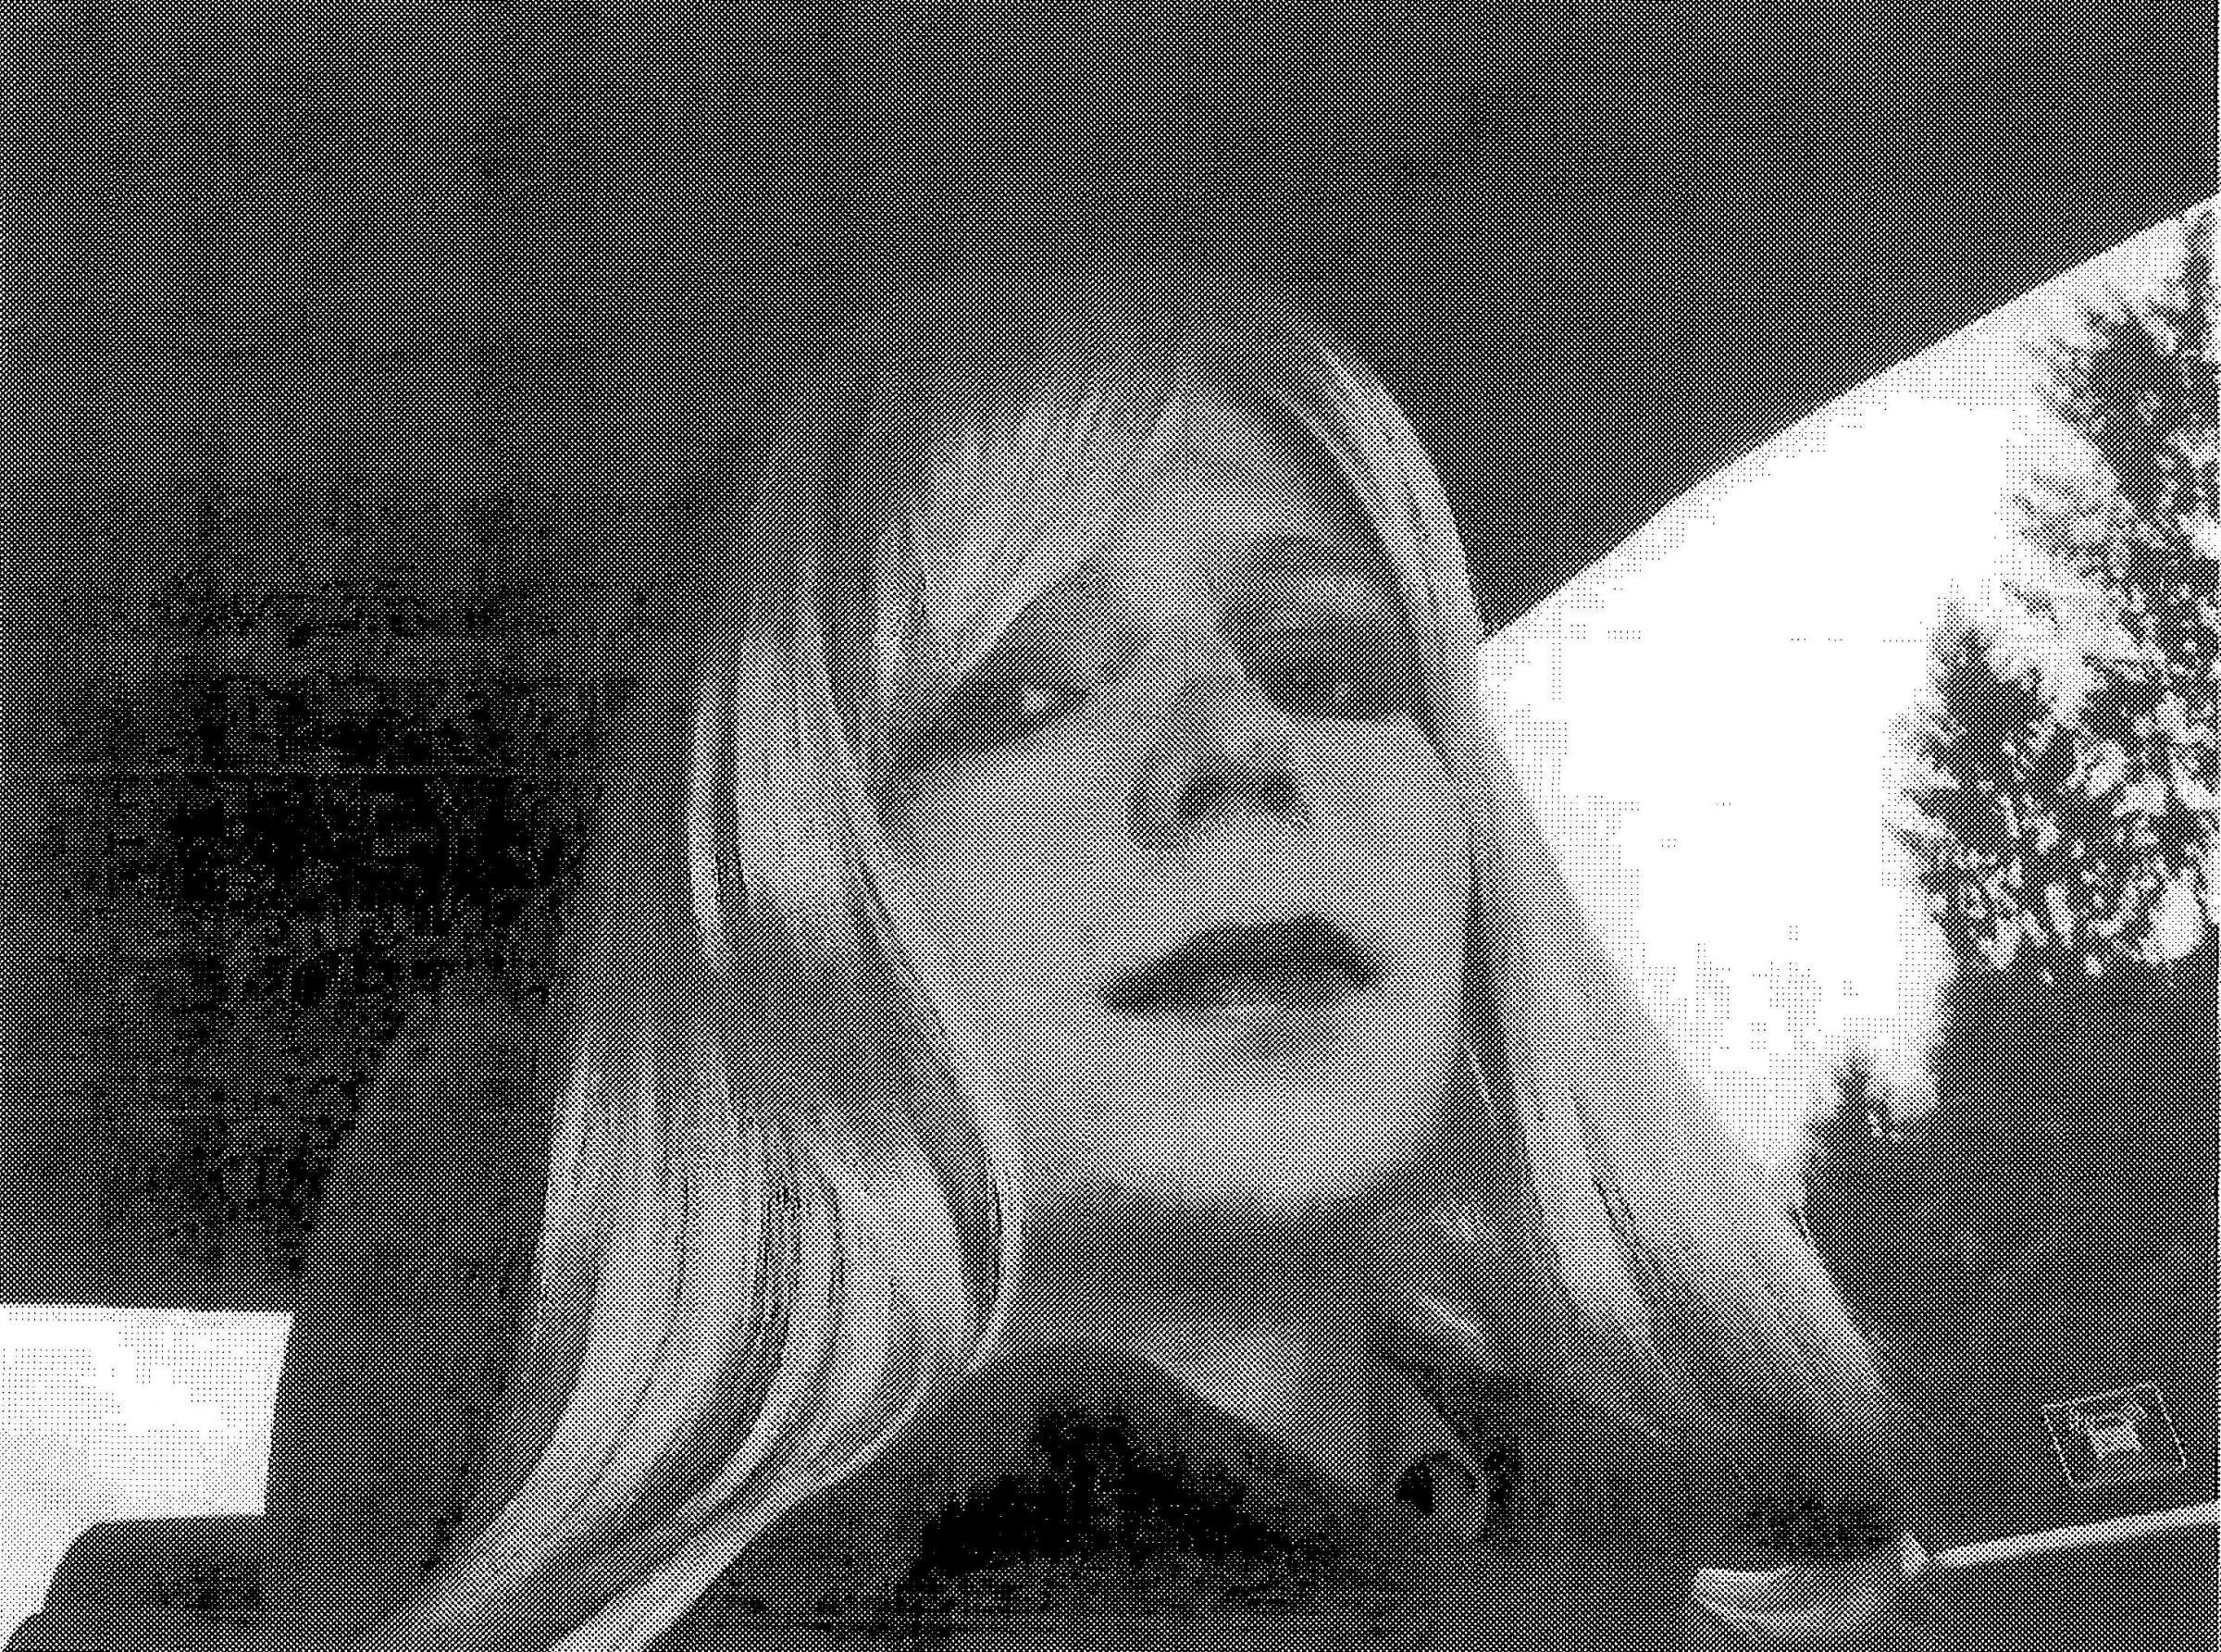 Obama concede la grazia a Chelsea Manning, il soldato transgender informatore di Wikileaks